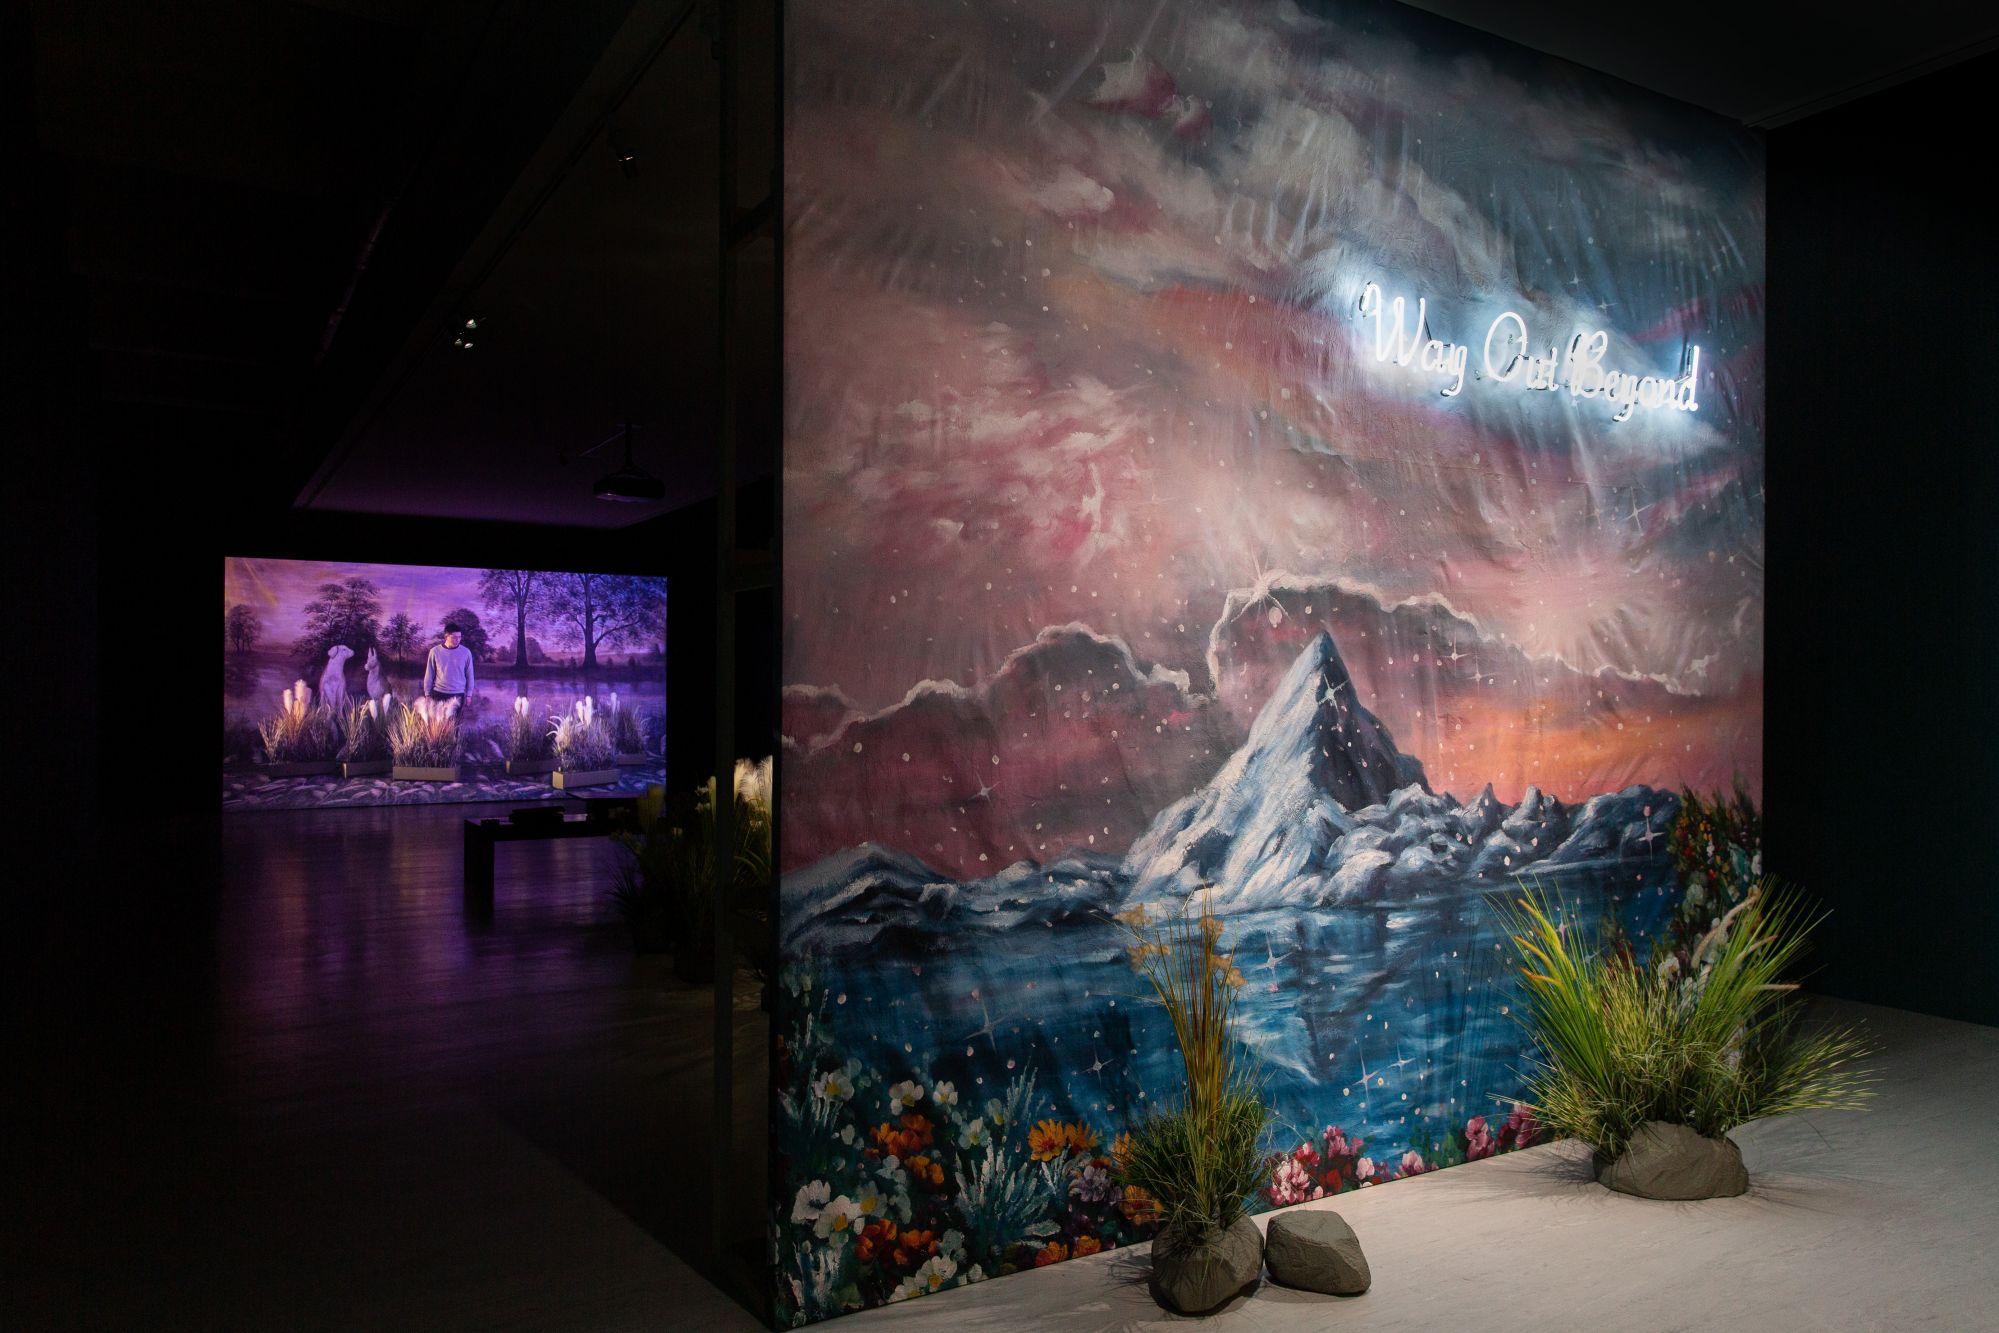 「心神出遊─廖祈羽個展」展場,臺北市立美術館提供。